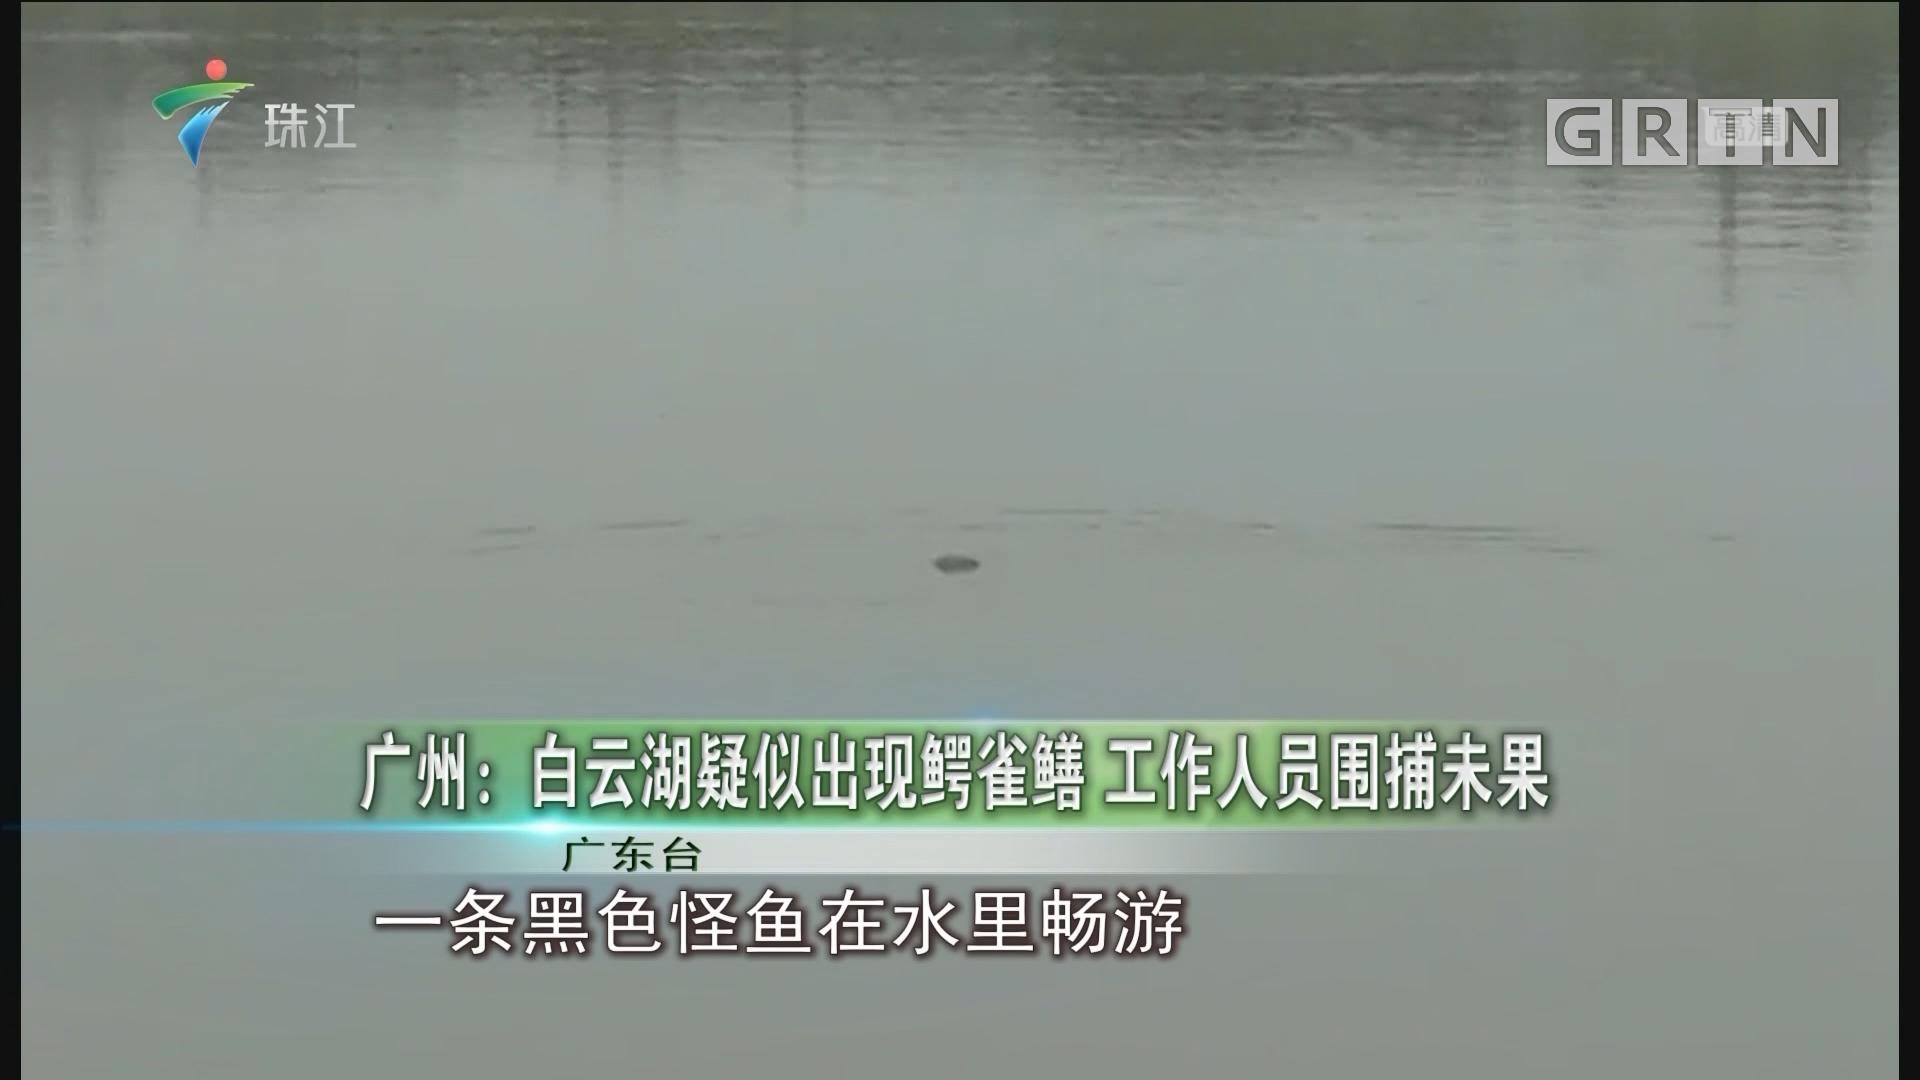 广州:白云湖疑似出现鳄雀鳝 工作人员围捕未果